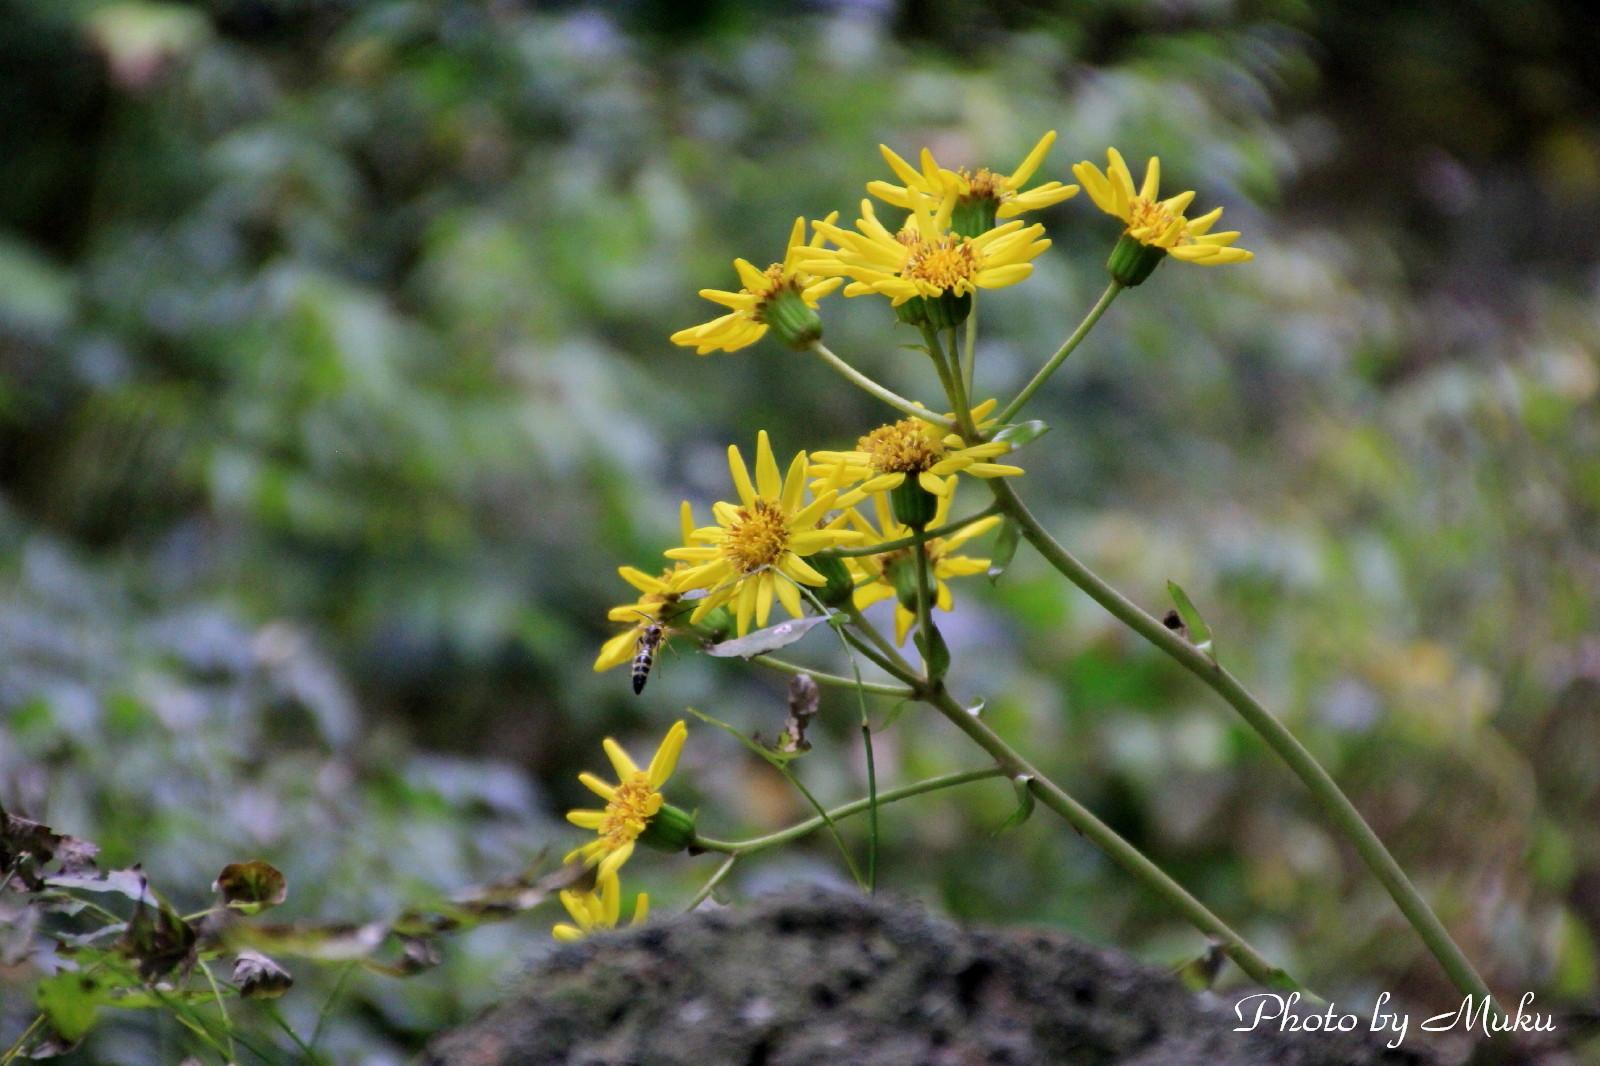 2014.10.20 石蕗(つわぶき)の花 (秩父宮記念公園:静岡県御殿場市)